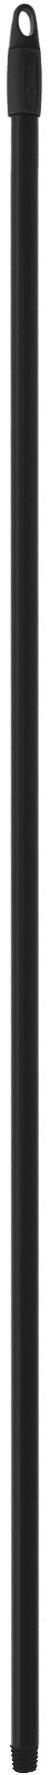 Ручка для швабры Apex, 150 см. 14000-A14000-AСменная профессиональная стальная ручка Apex для швабры и сгонов воды изготовлена из окрашенной стали. На рукоятке имеется небольшая петля, за которую изделие можно подвесить в удобном месте.